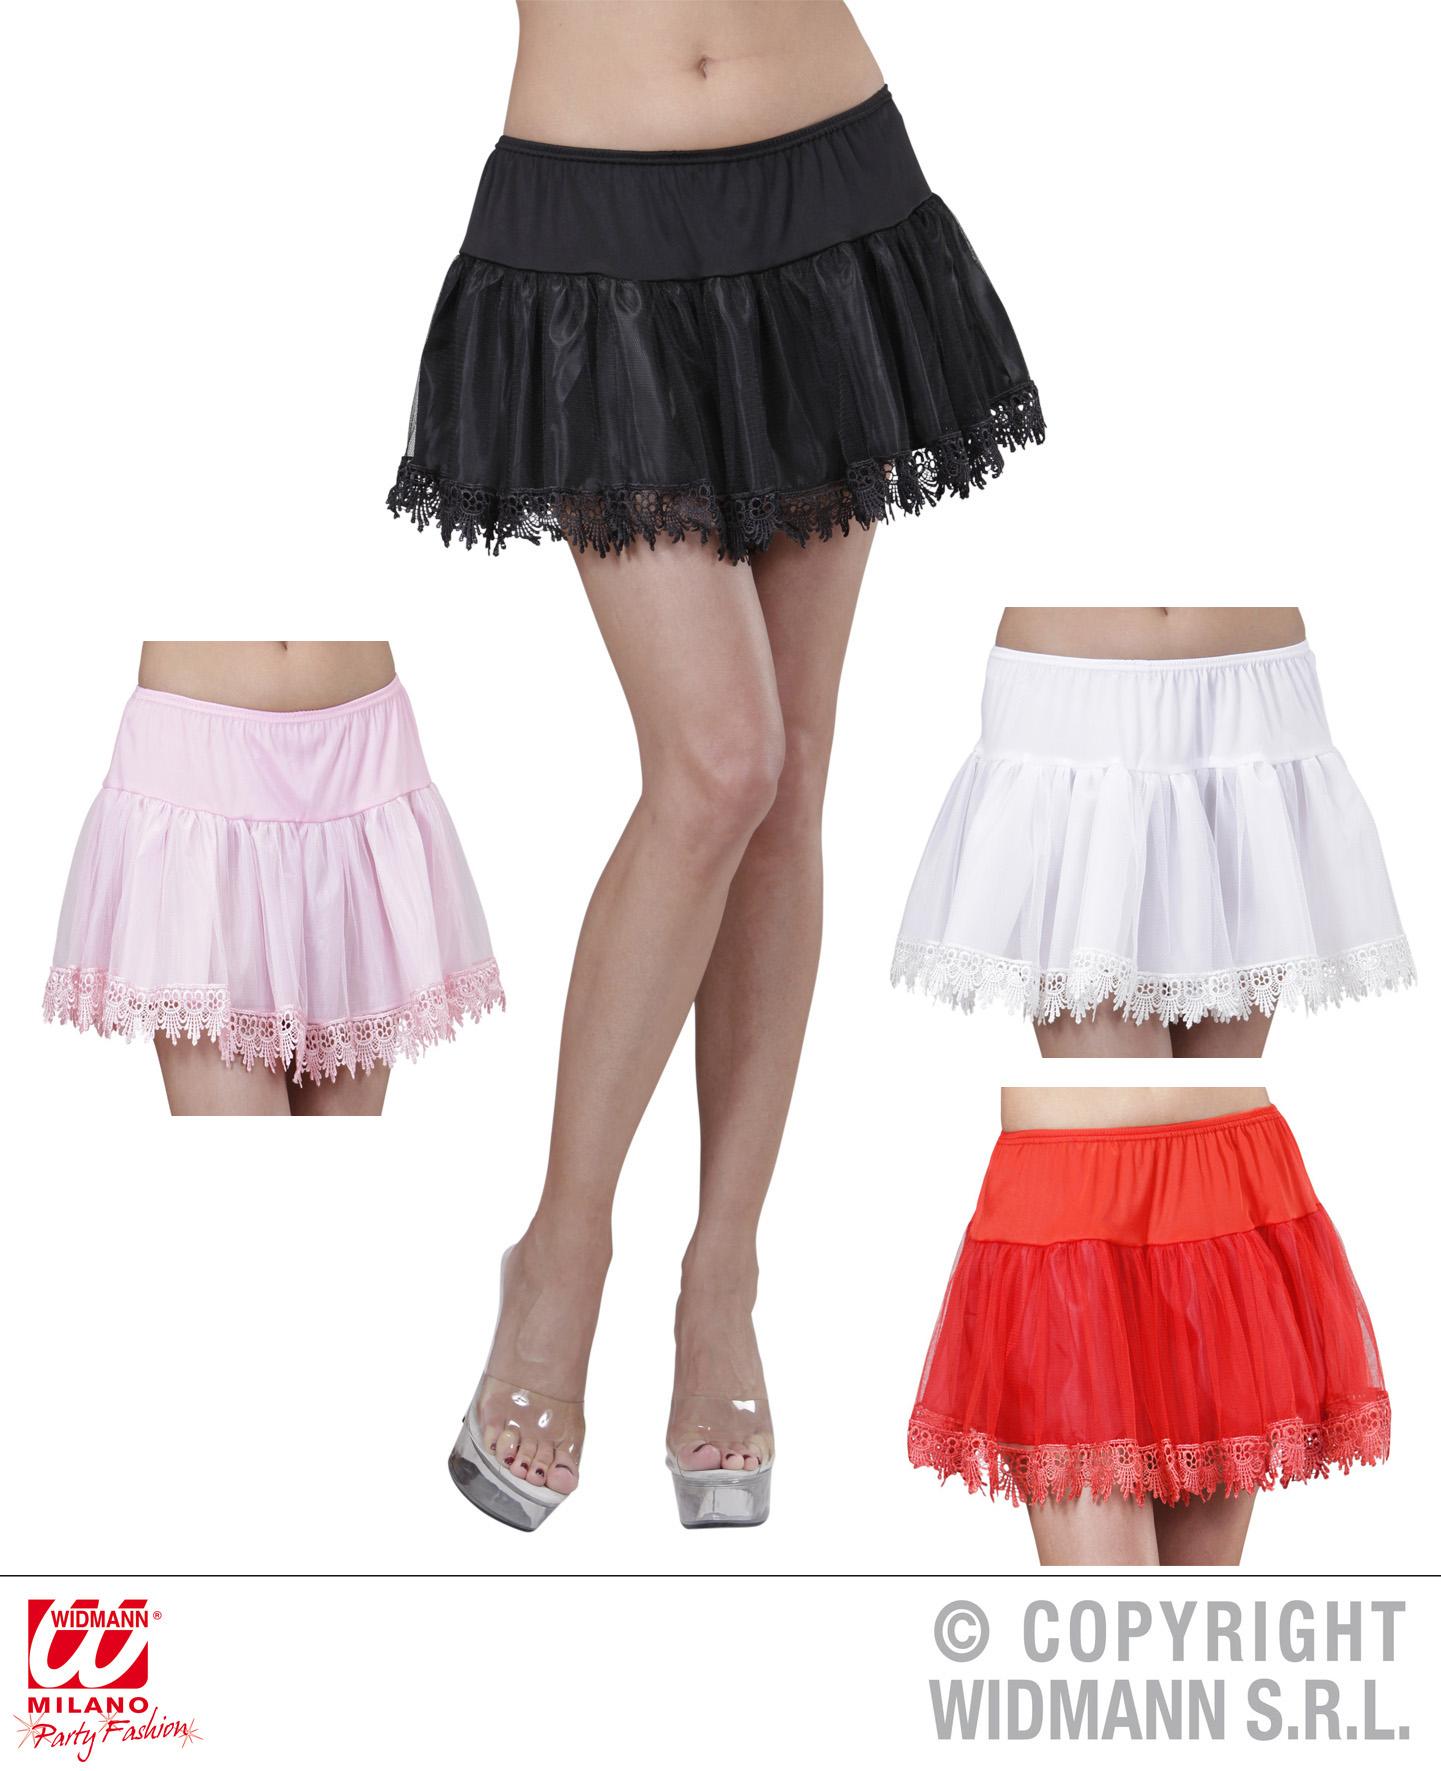 PETTICOAT Unterrock,Spitzenunterrock, weiß, rosa,schwarz, rot Damen 36-38